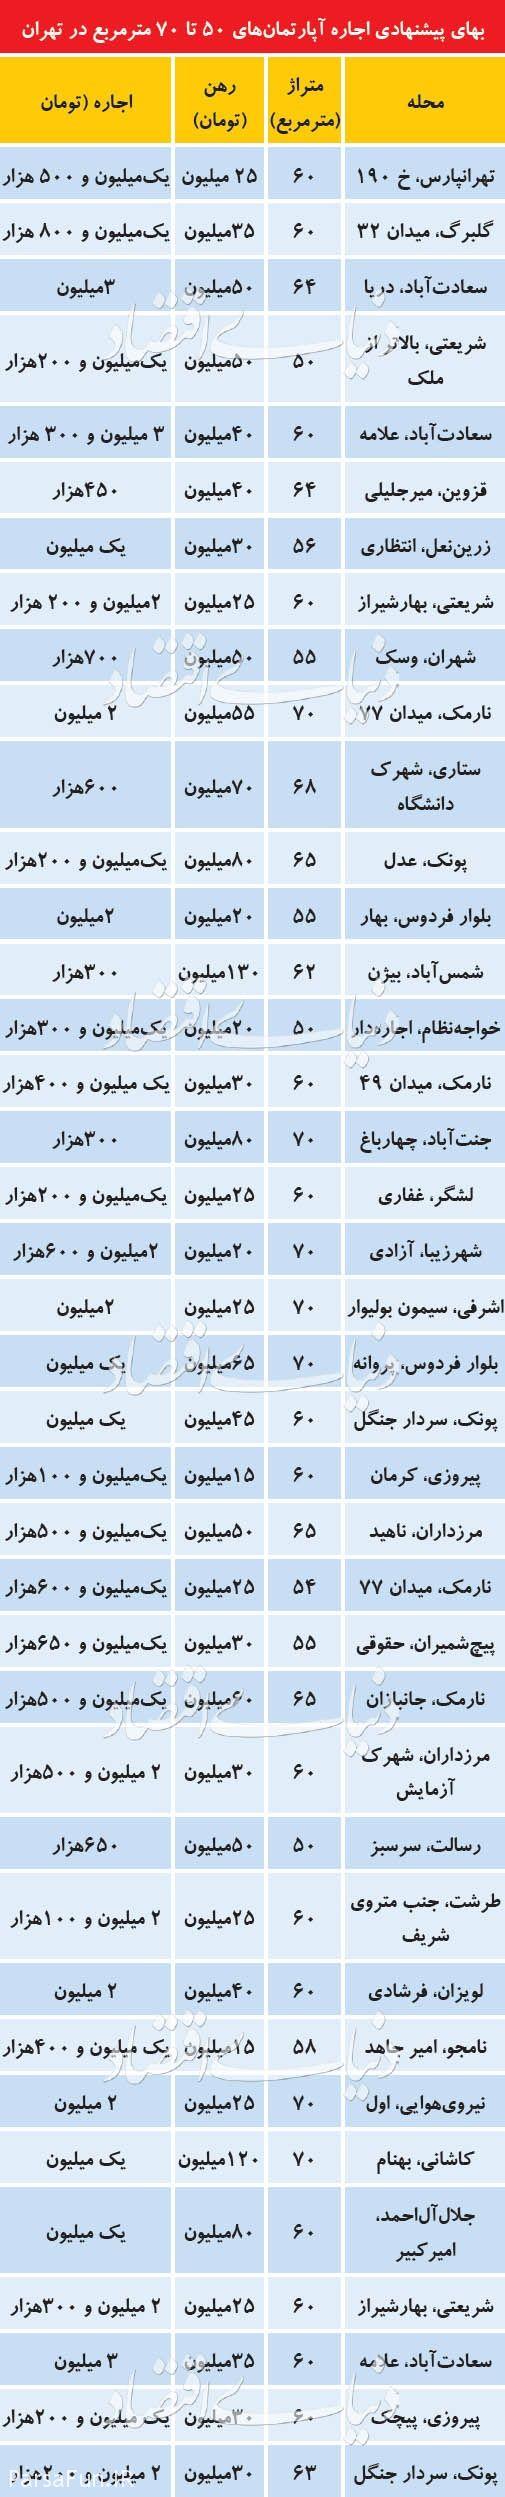 قیمت رهن و اجاره آپارتمان 50 تا 70 متری در تهران